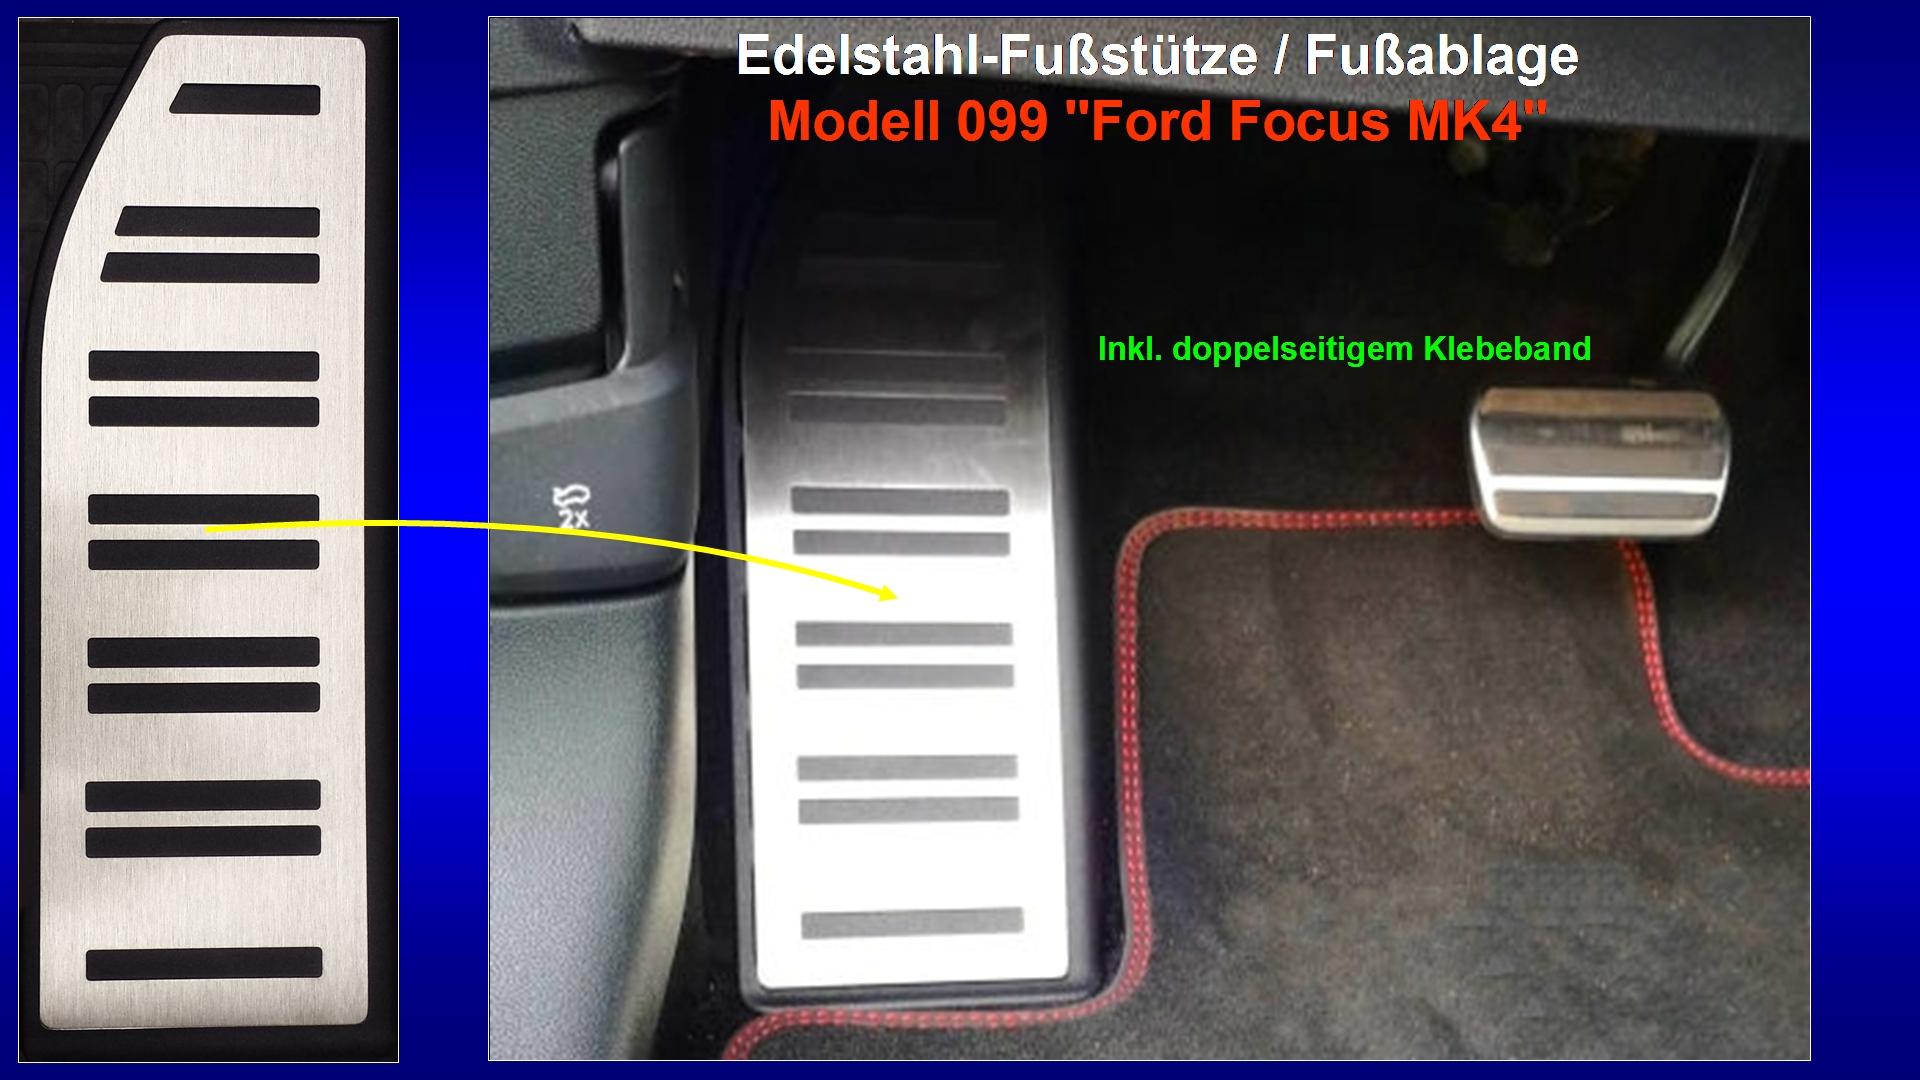 Präsentation Edelstahl-Fußstütze Modell 099 ''Ford Focus MK4''.jpg